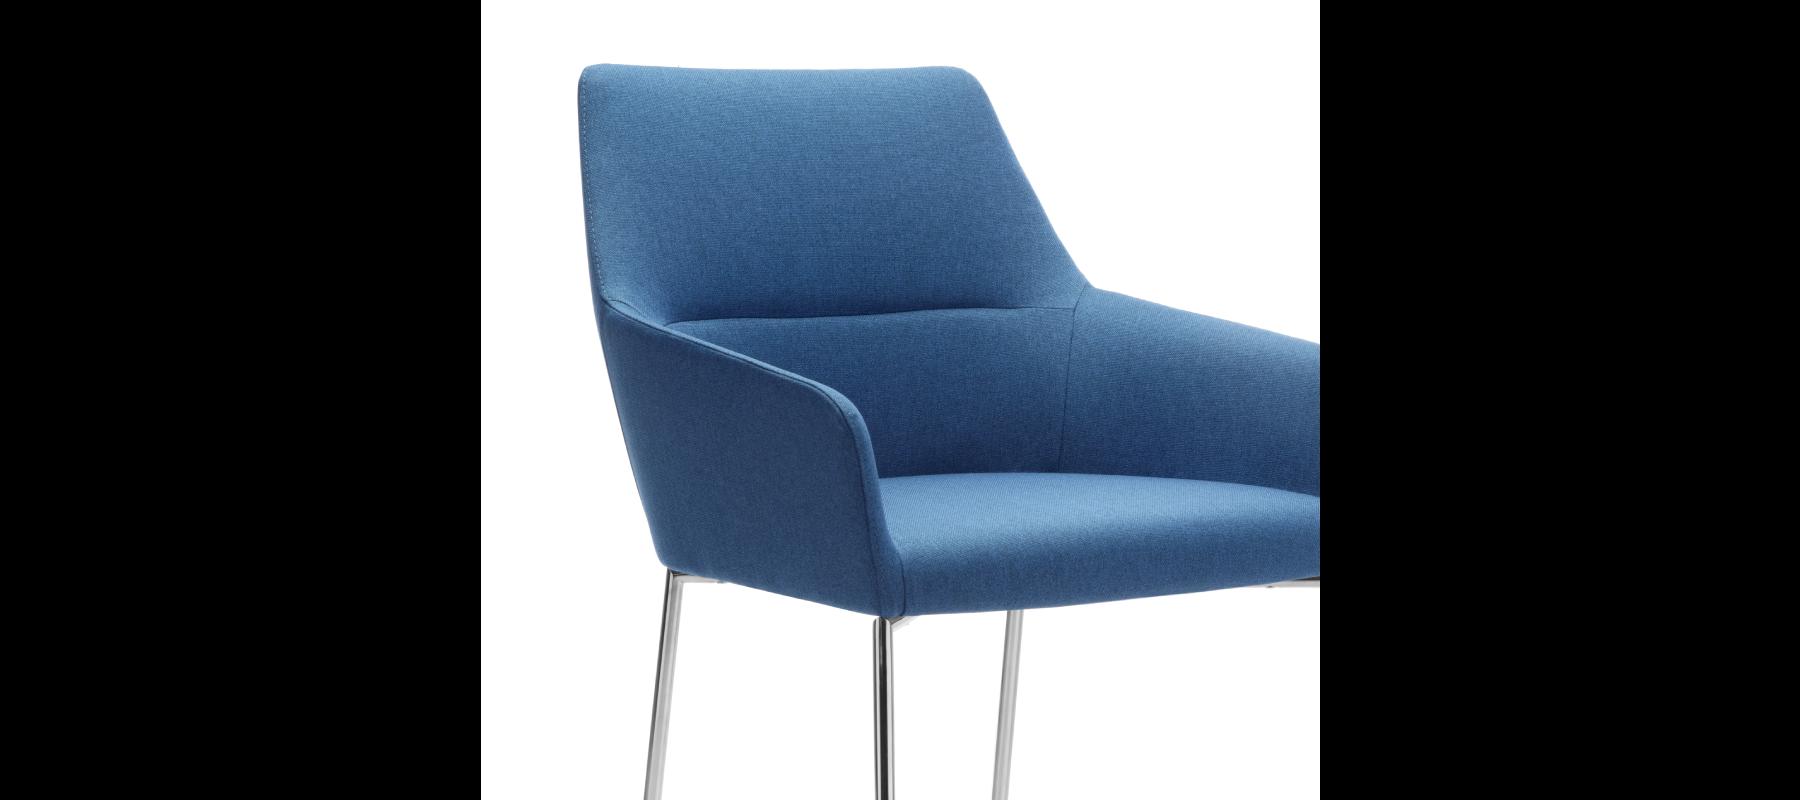 krzesła stacjonarne chic detale - 01